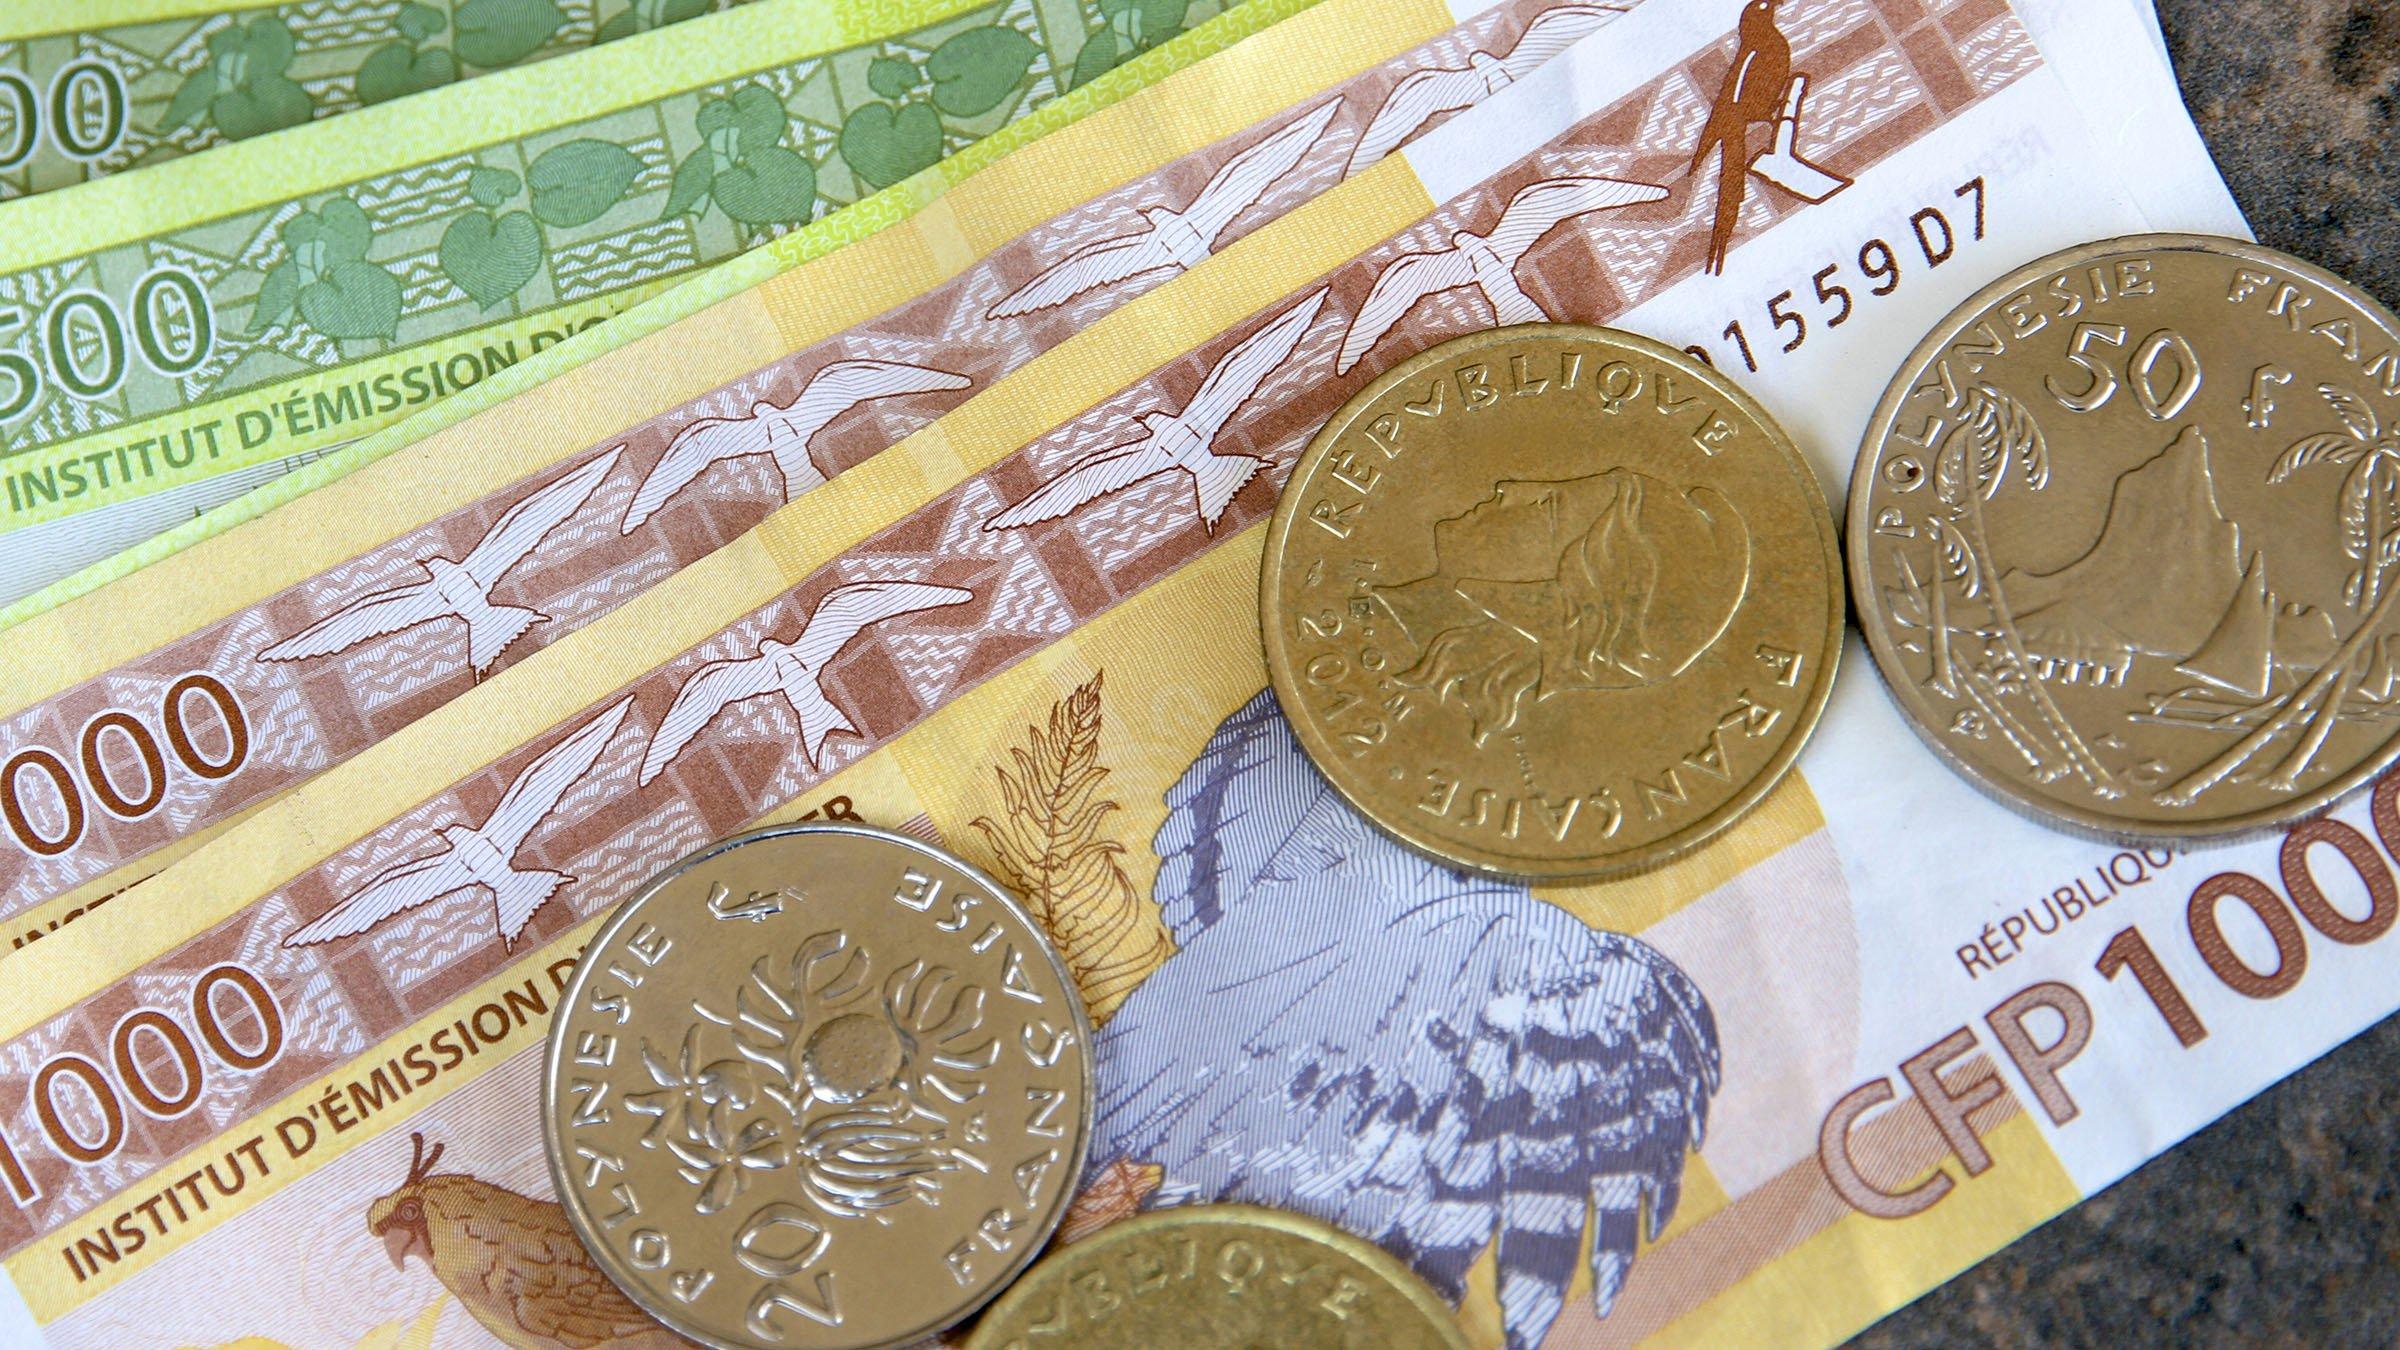 Diseños de las monedas del franco polinesio